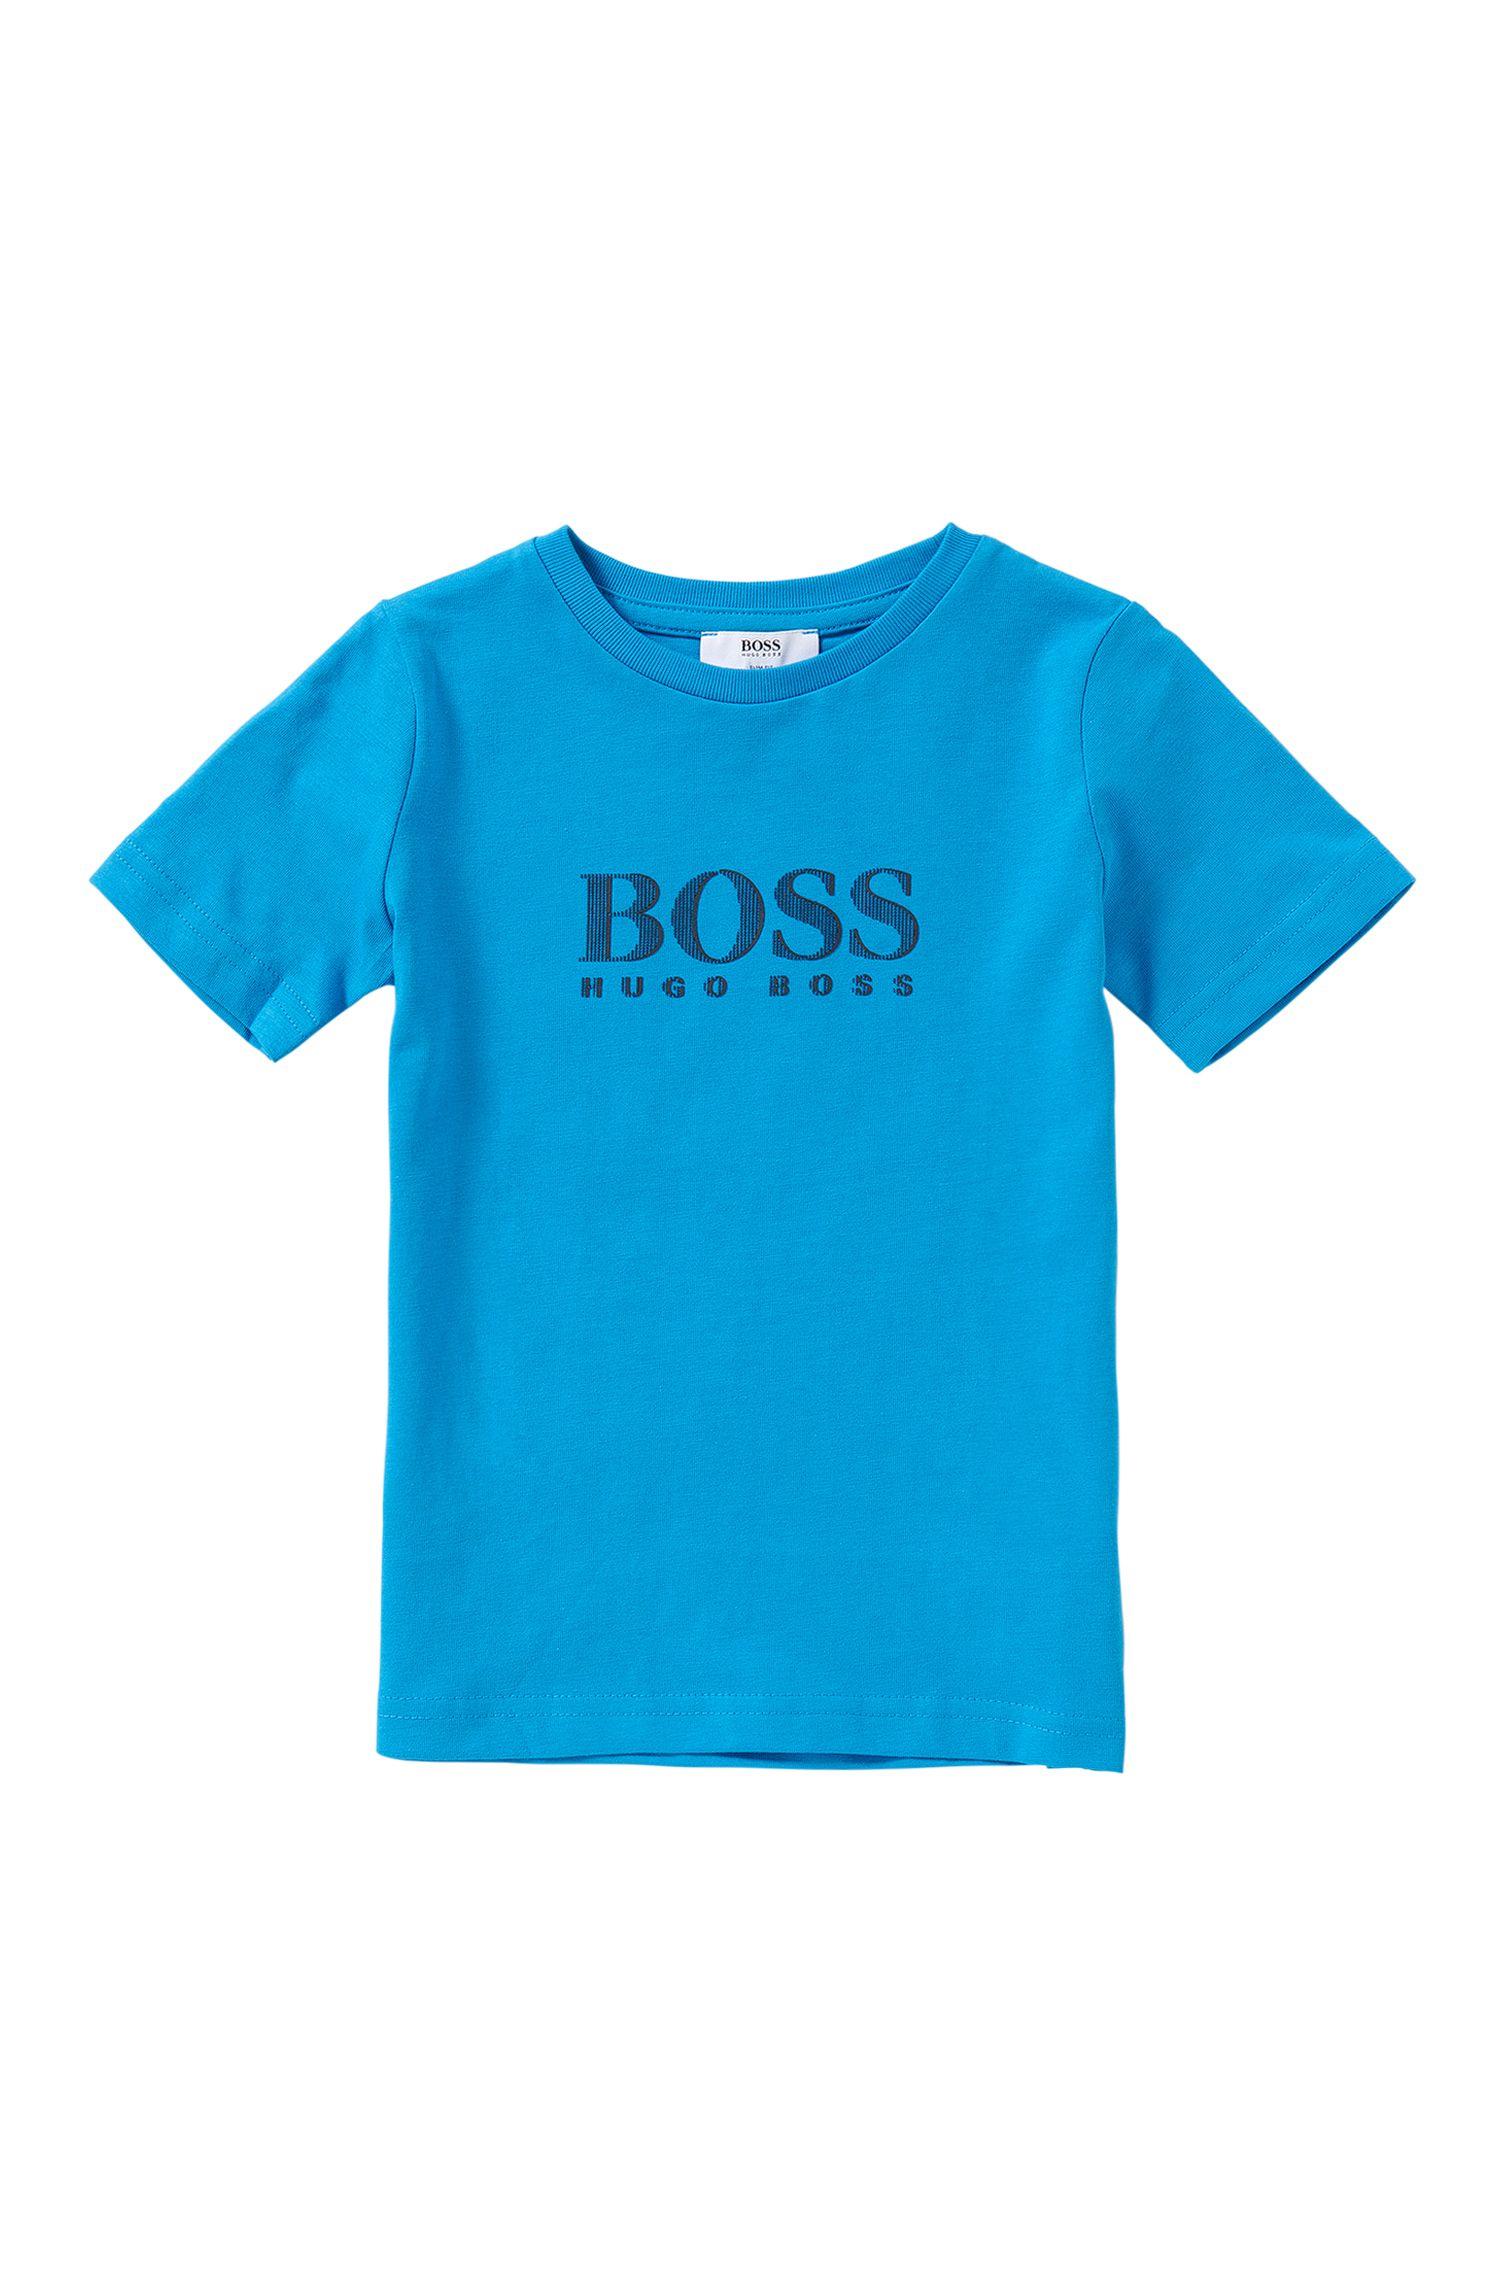 Camiseta slim fit para niños en algodón elástico: 'J25974'